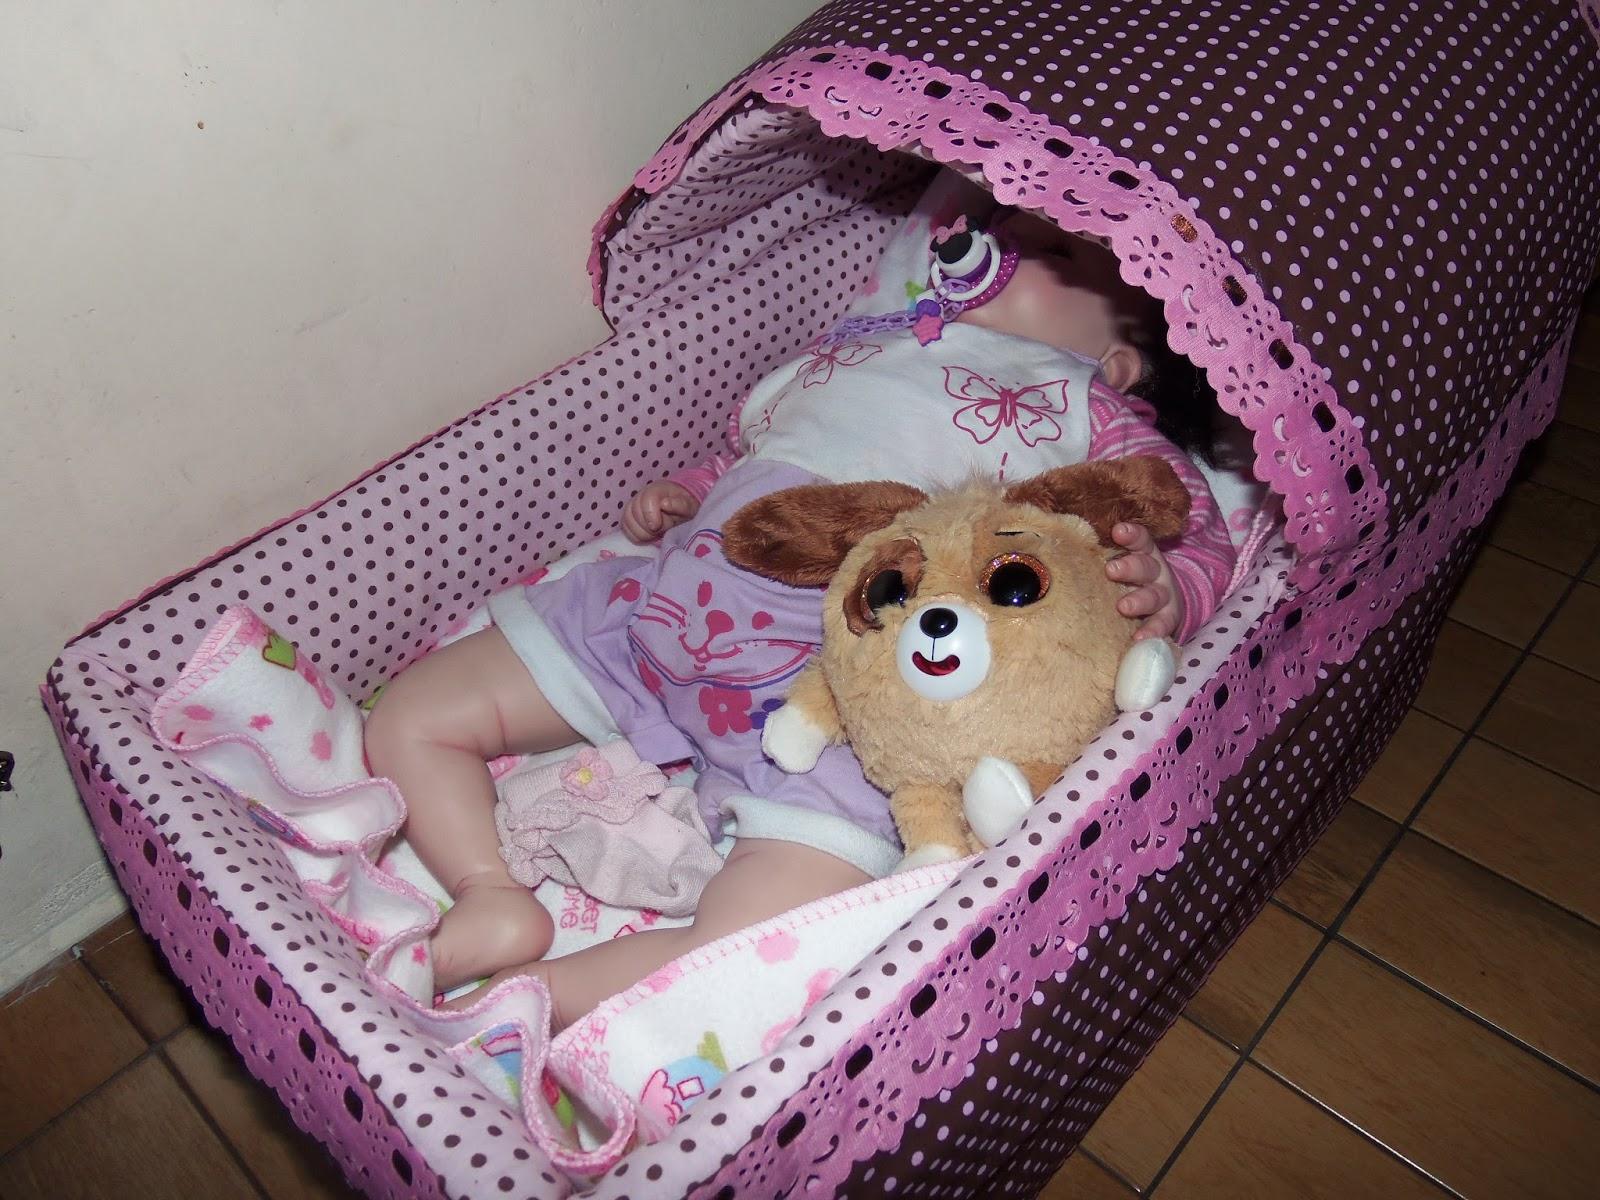 Mois s para beb reborn bydeiareborn - Moises clasicos para bebes ...